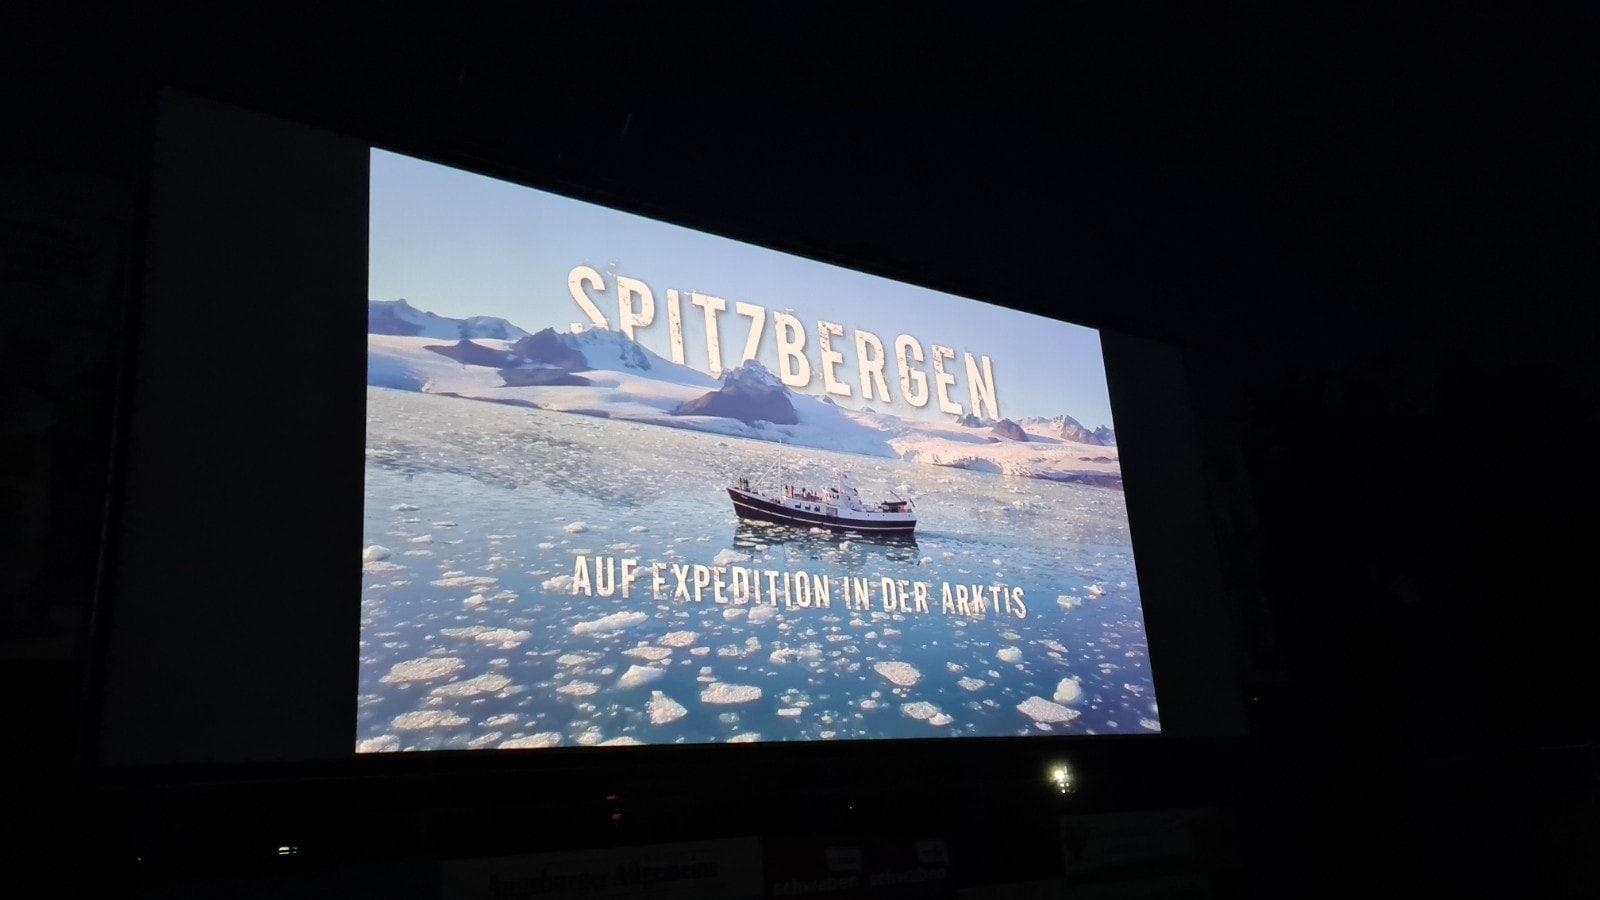 Foto 2 Spitzbergen: Auf Expedition in der Arktis mit den Filmemachern